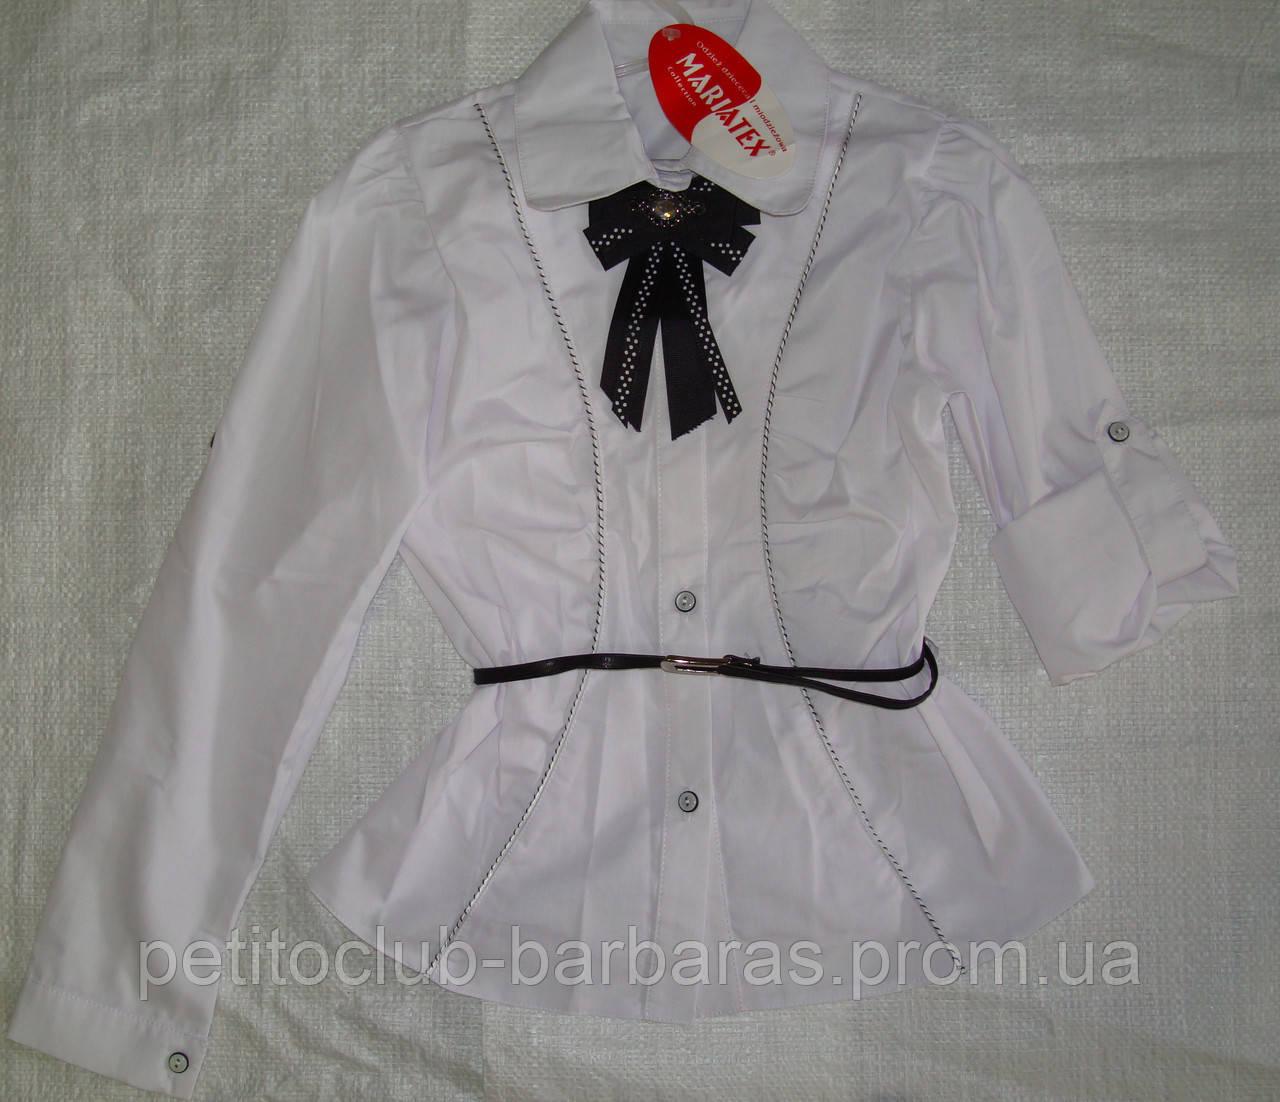 Блуза-трансформер белая подростковая р. 140-164 (Польша)